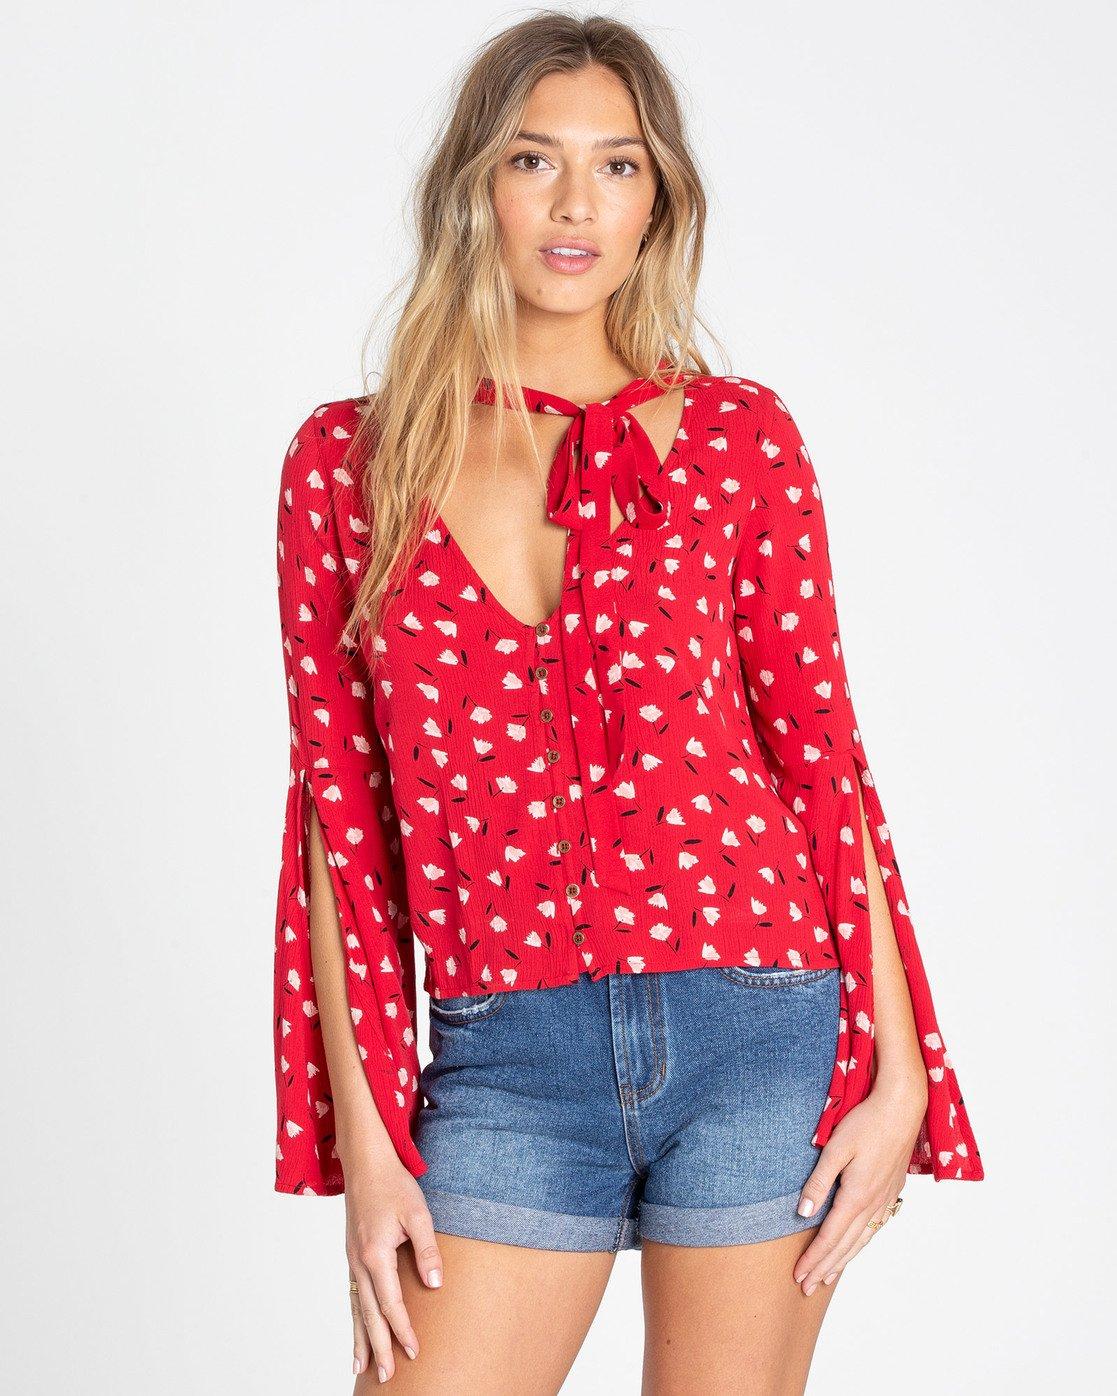 Lust Linger Long Sleeve Blouse 828570331689 | Billabong